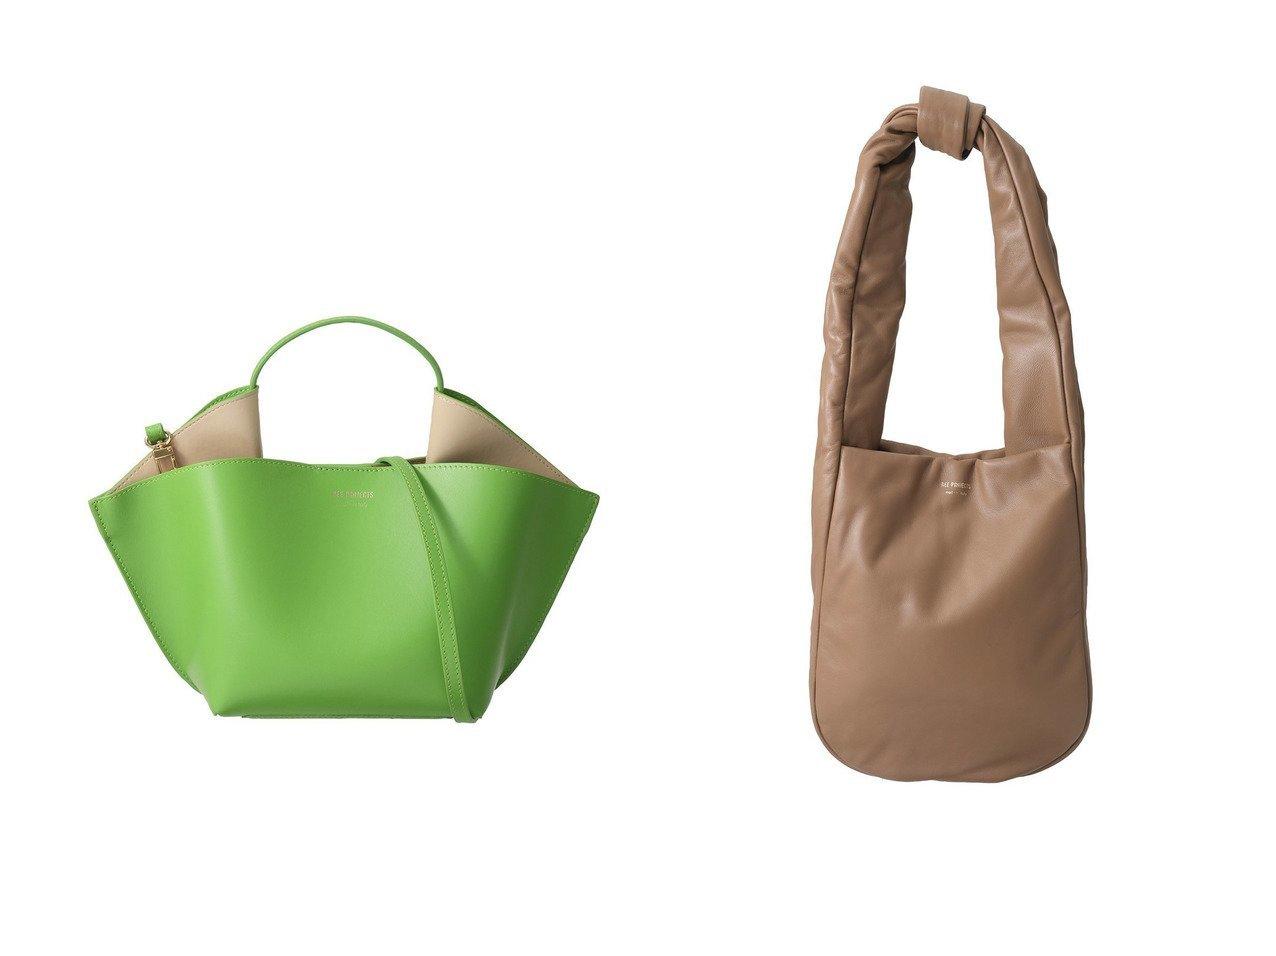 【STUNNING LURE/スタニングルアー】のバッグ REE PROJECTS&バッグ REE PROJECTS 【バッグ・鞄】おすすめ!人気、トレンド・レディースファッションの通販 おすすめで人気の流行・トレンド、ファッションの通販商品 インテリア・家具・メンズファッション・キッズファッション・レディースファッション・服の通販 founy(ファニー) https://founy.com/ ファッション Fashion レディースファッション WOMEN コンパクト ショルダー ハンドバッグ  ID:crp329100000070713